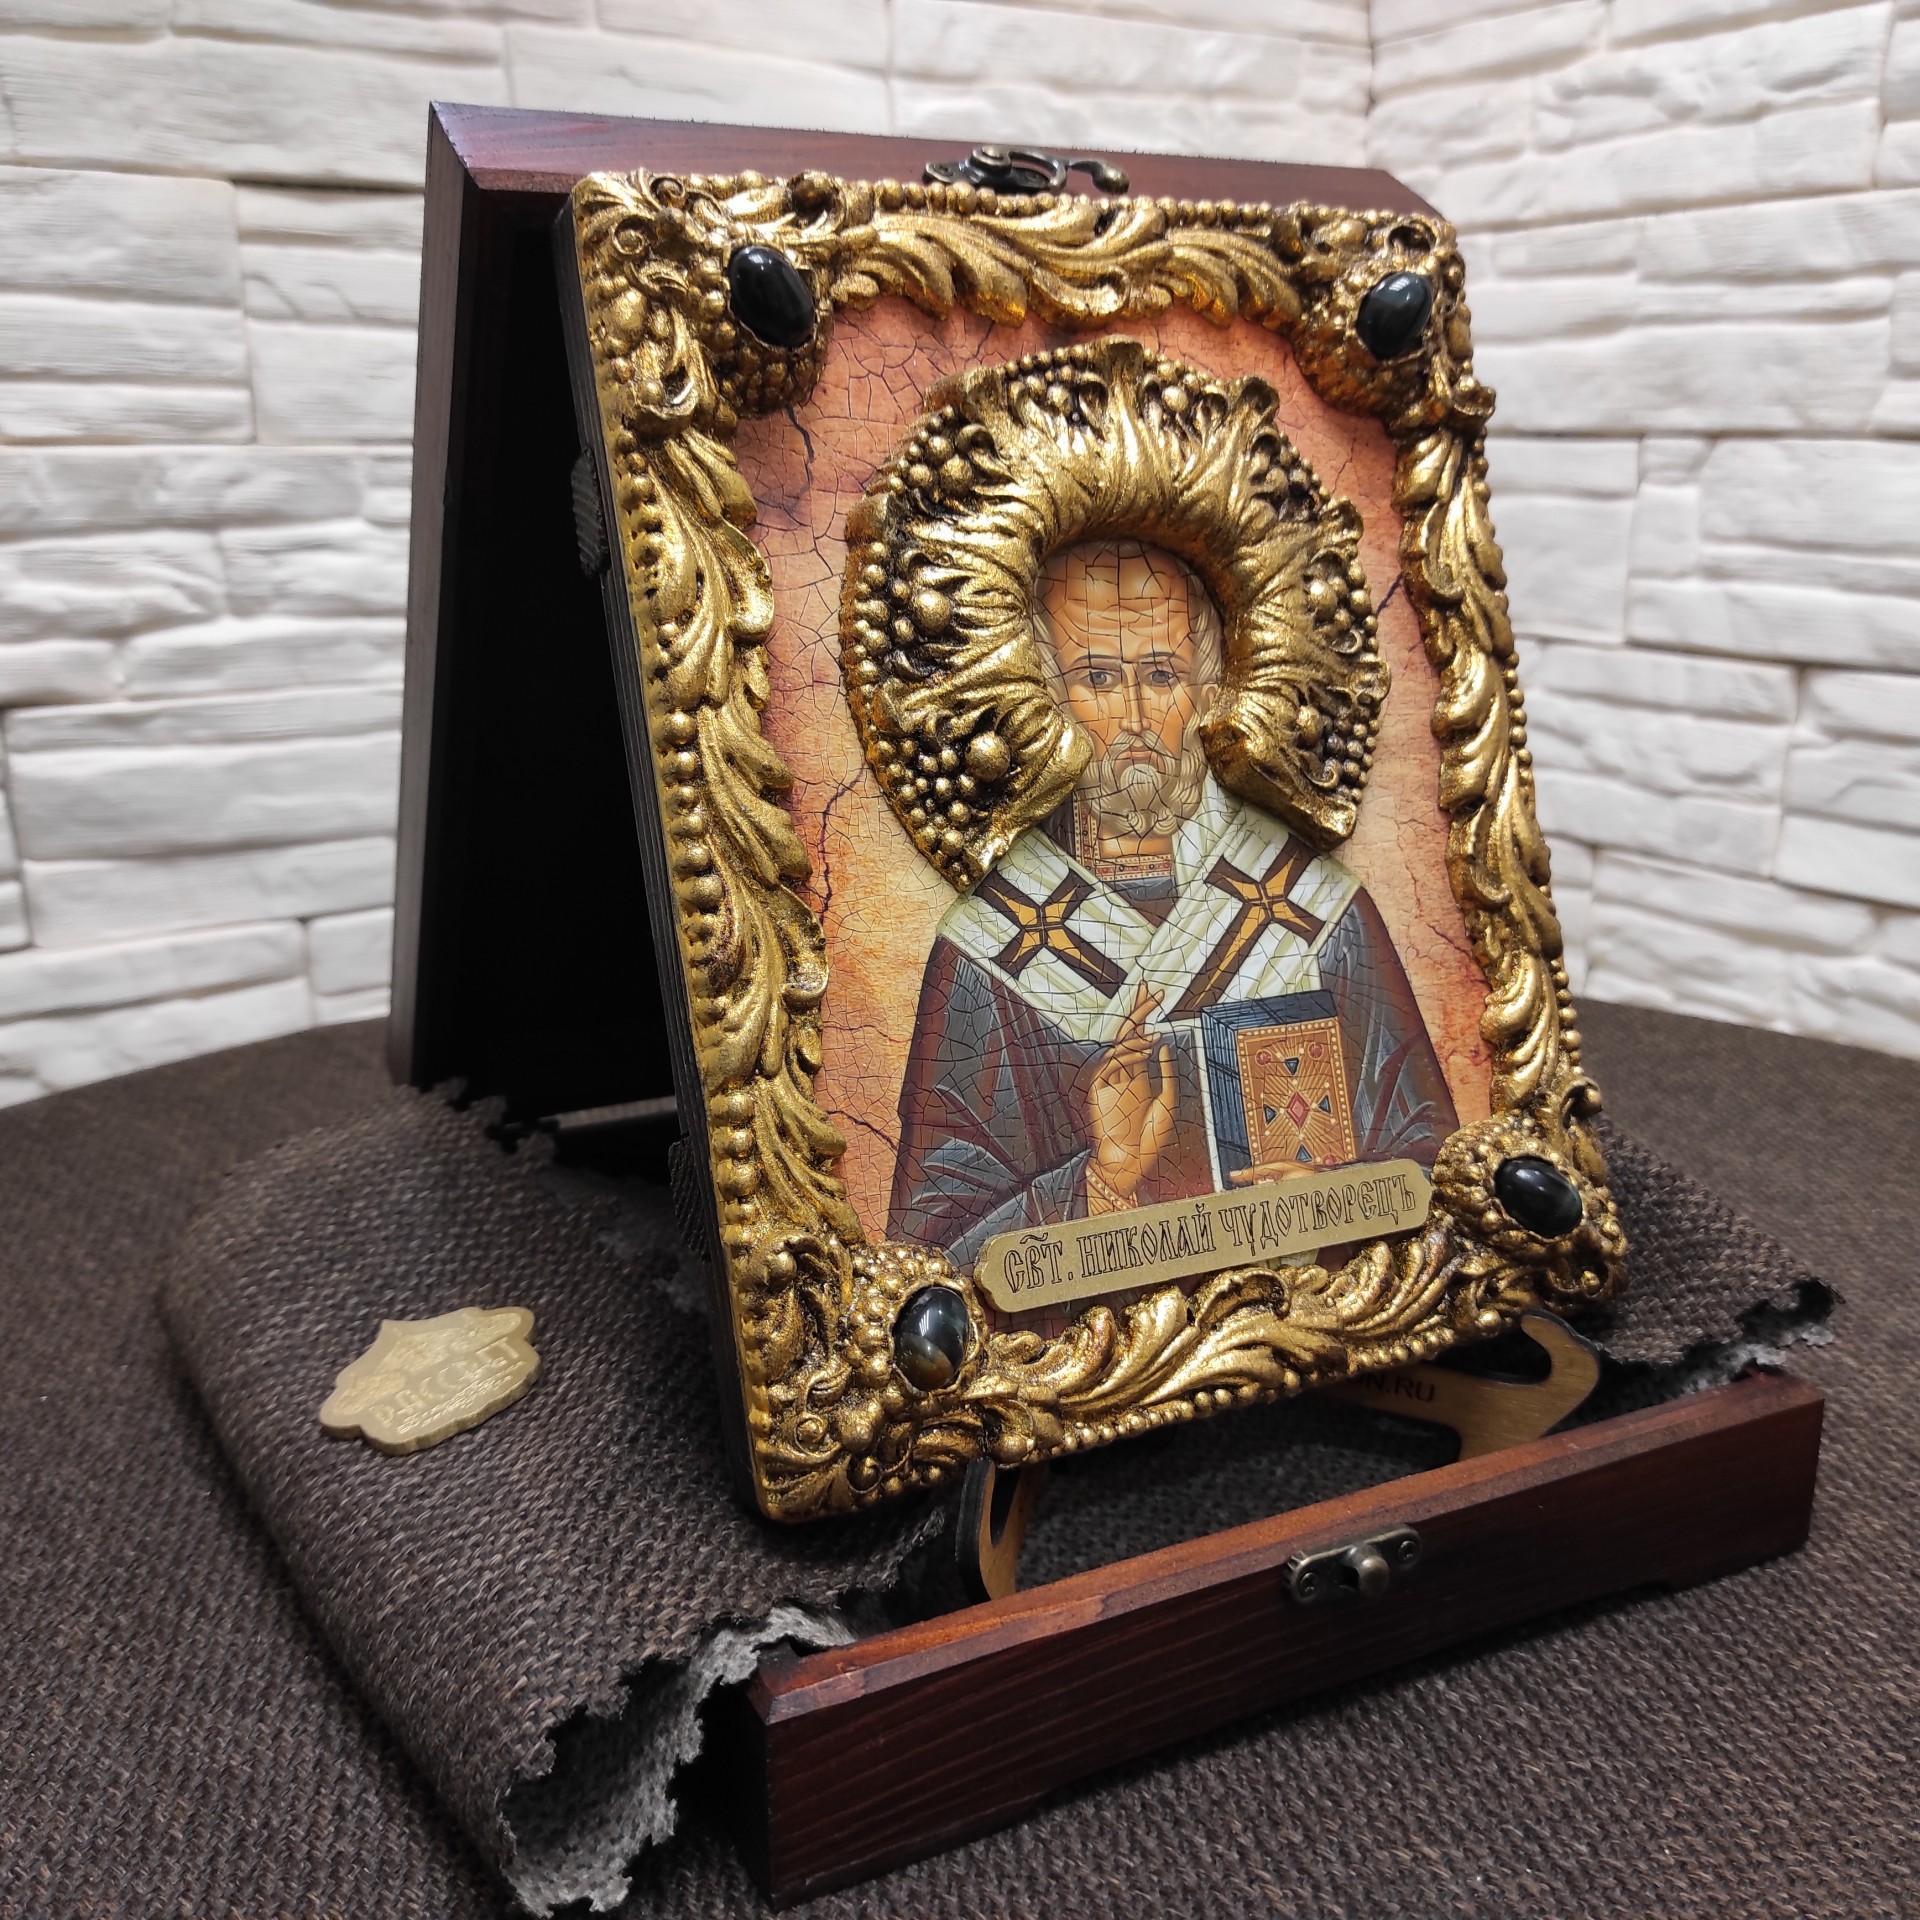 Фото общий вид в коробочке авторской иконы Николая Чудотворца с камнями